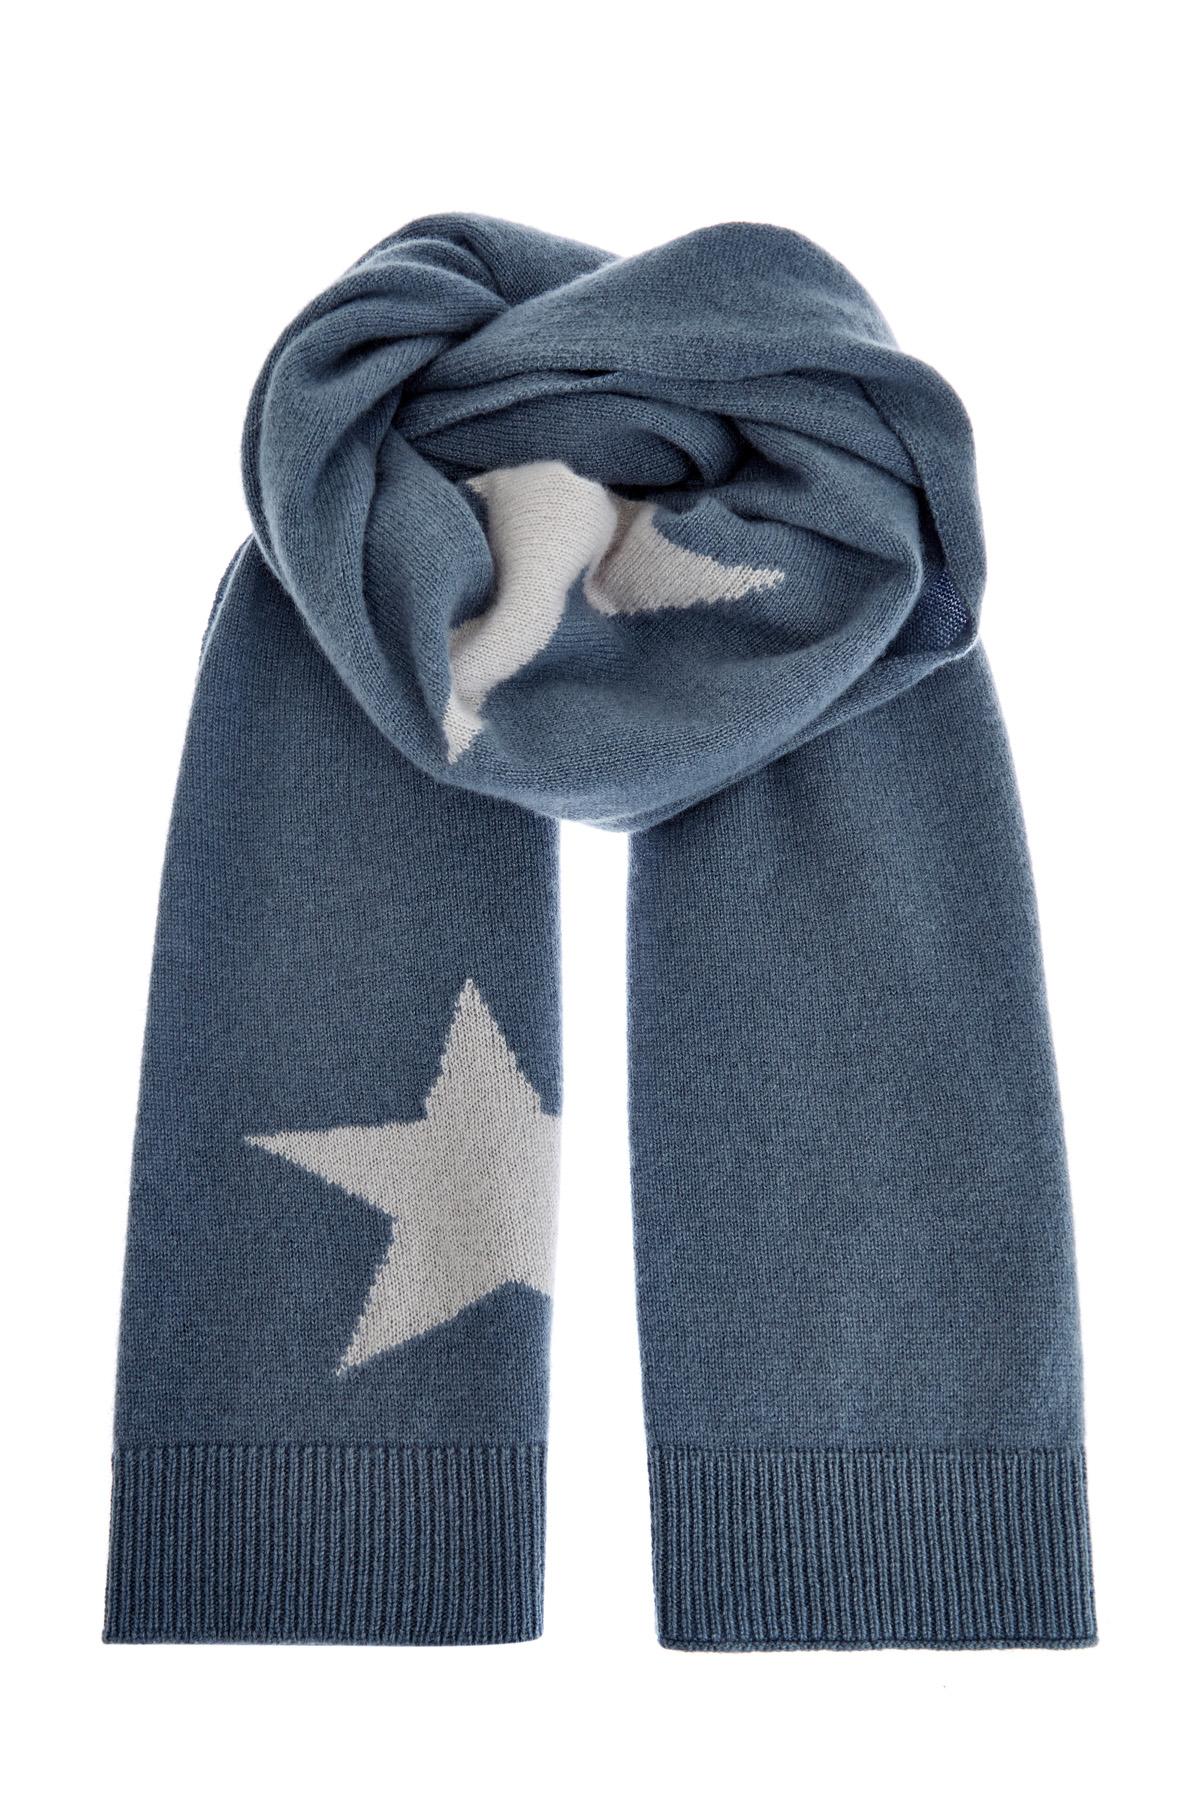 Кашемировый шарф ручной работы синтарсийным узором ввиде звезд фото